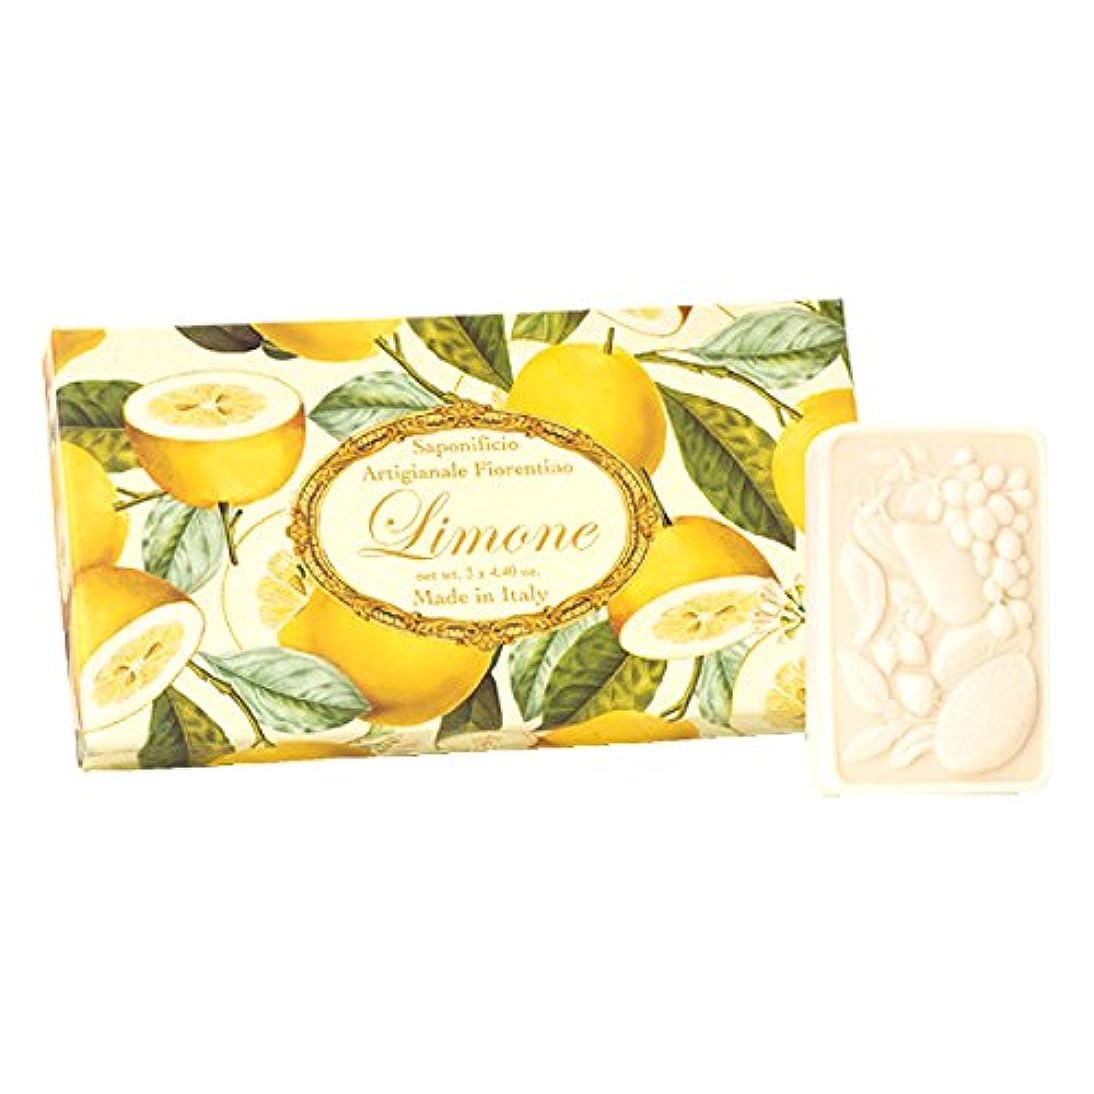 五十音楽創始者フィレンツェの 長い歴史から生まれたこだわり石鹸 レモン【刻印125g×3個セット】